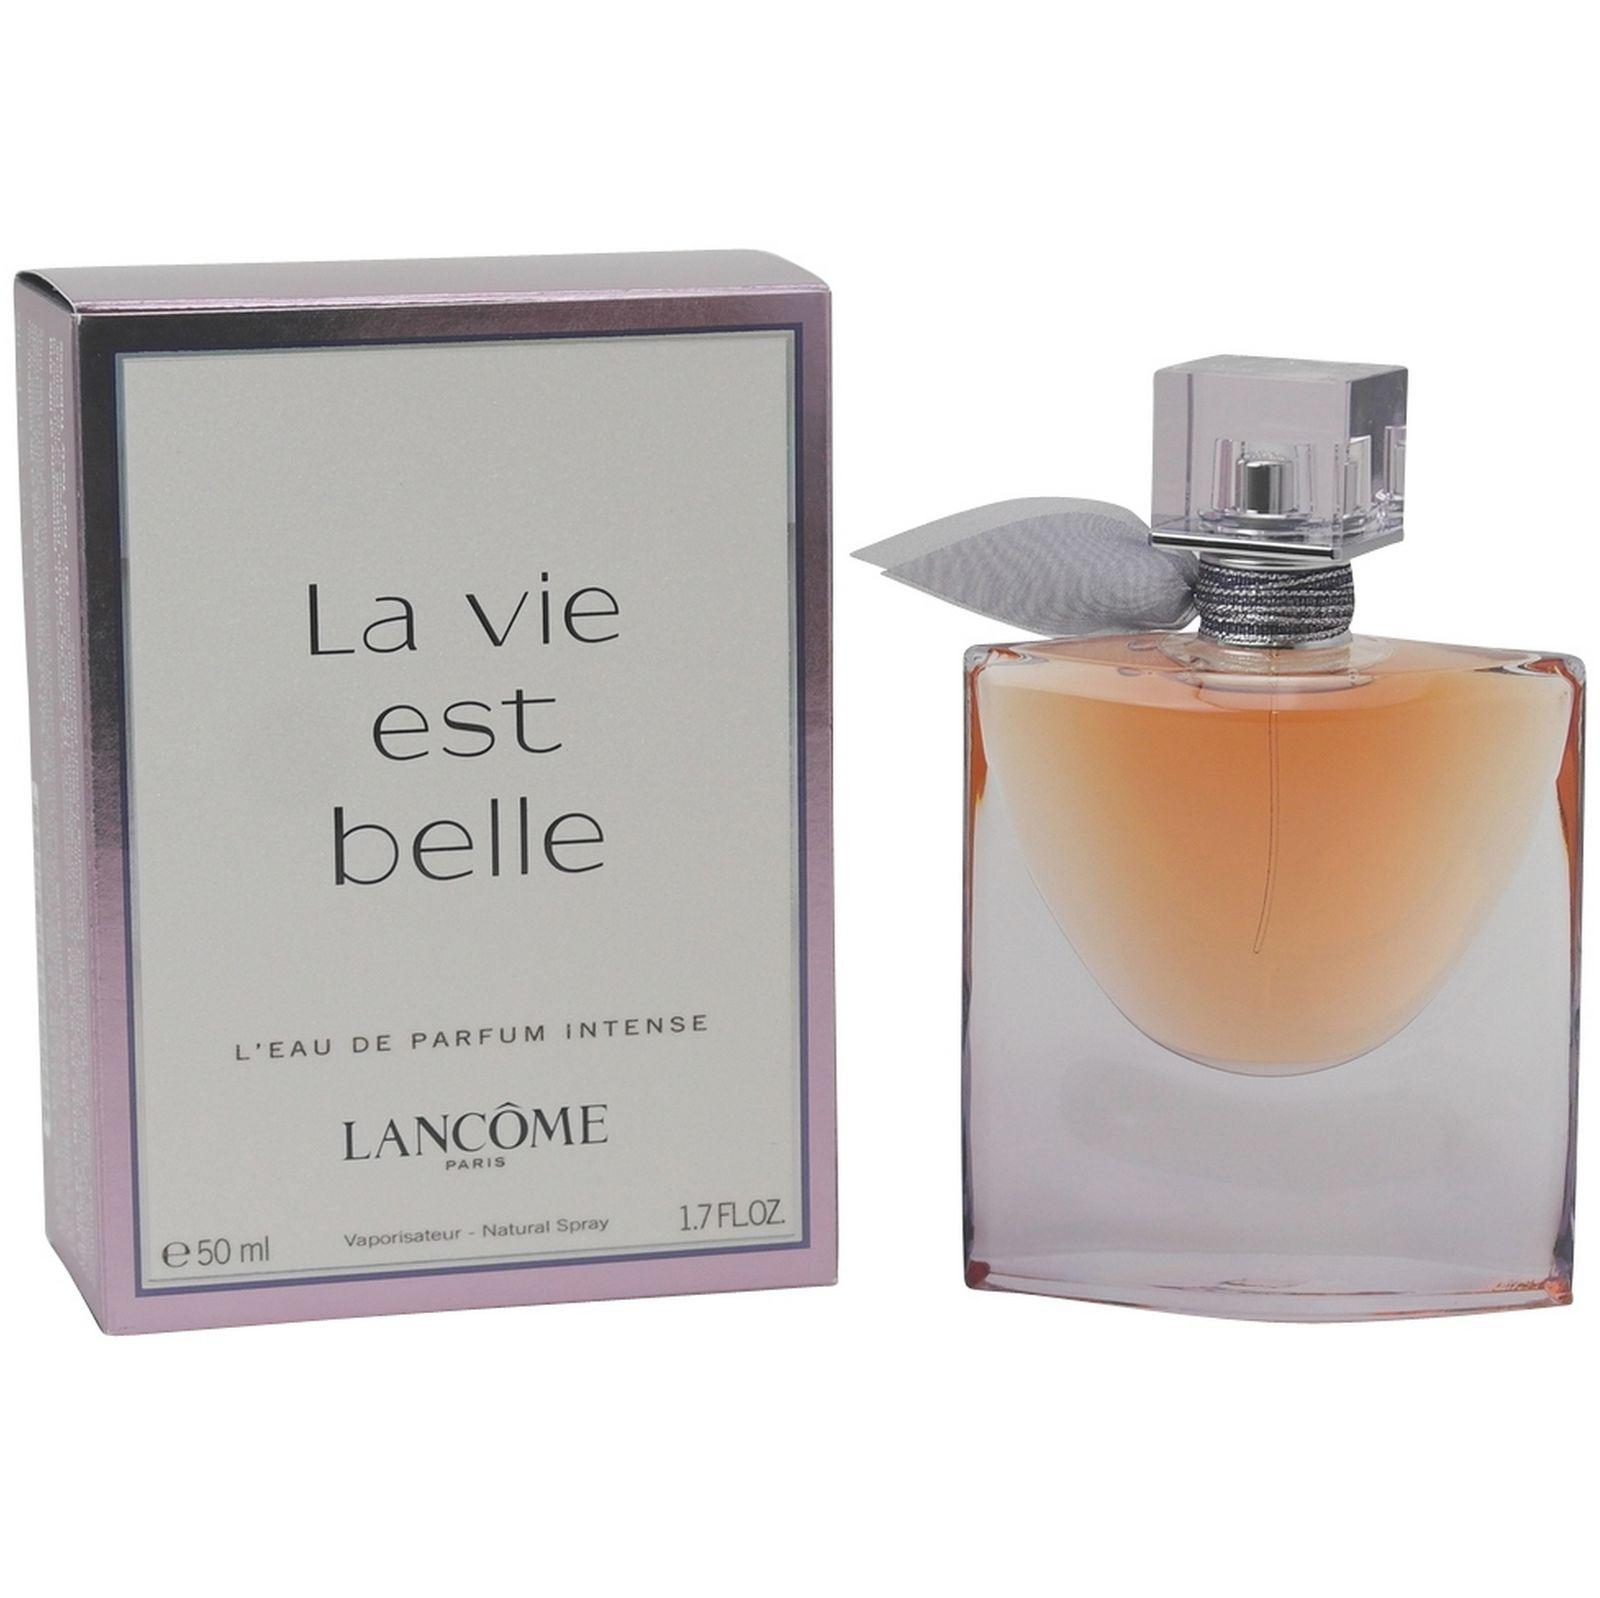 Lancome La vie est Belle Eau de Parfum Intense Spray 50 ml   Duftwelt Hamburg